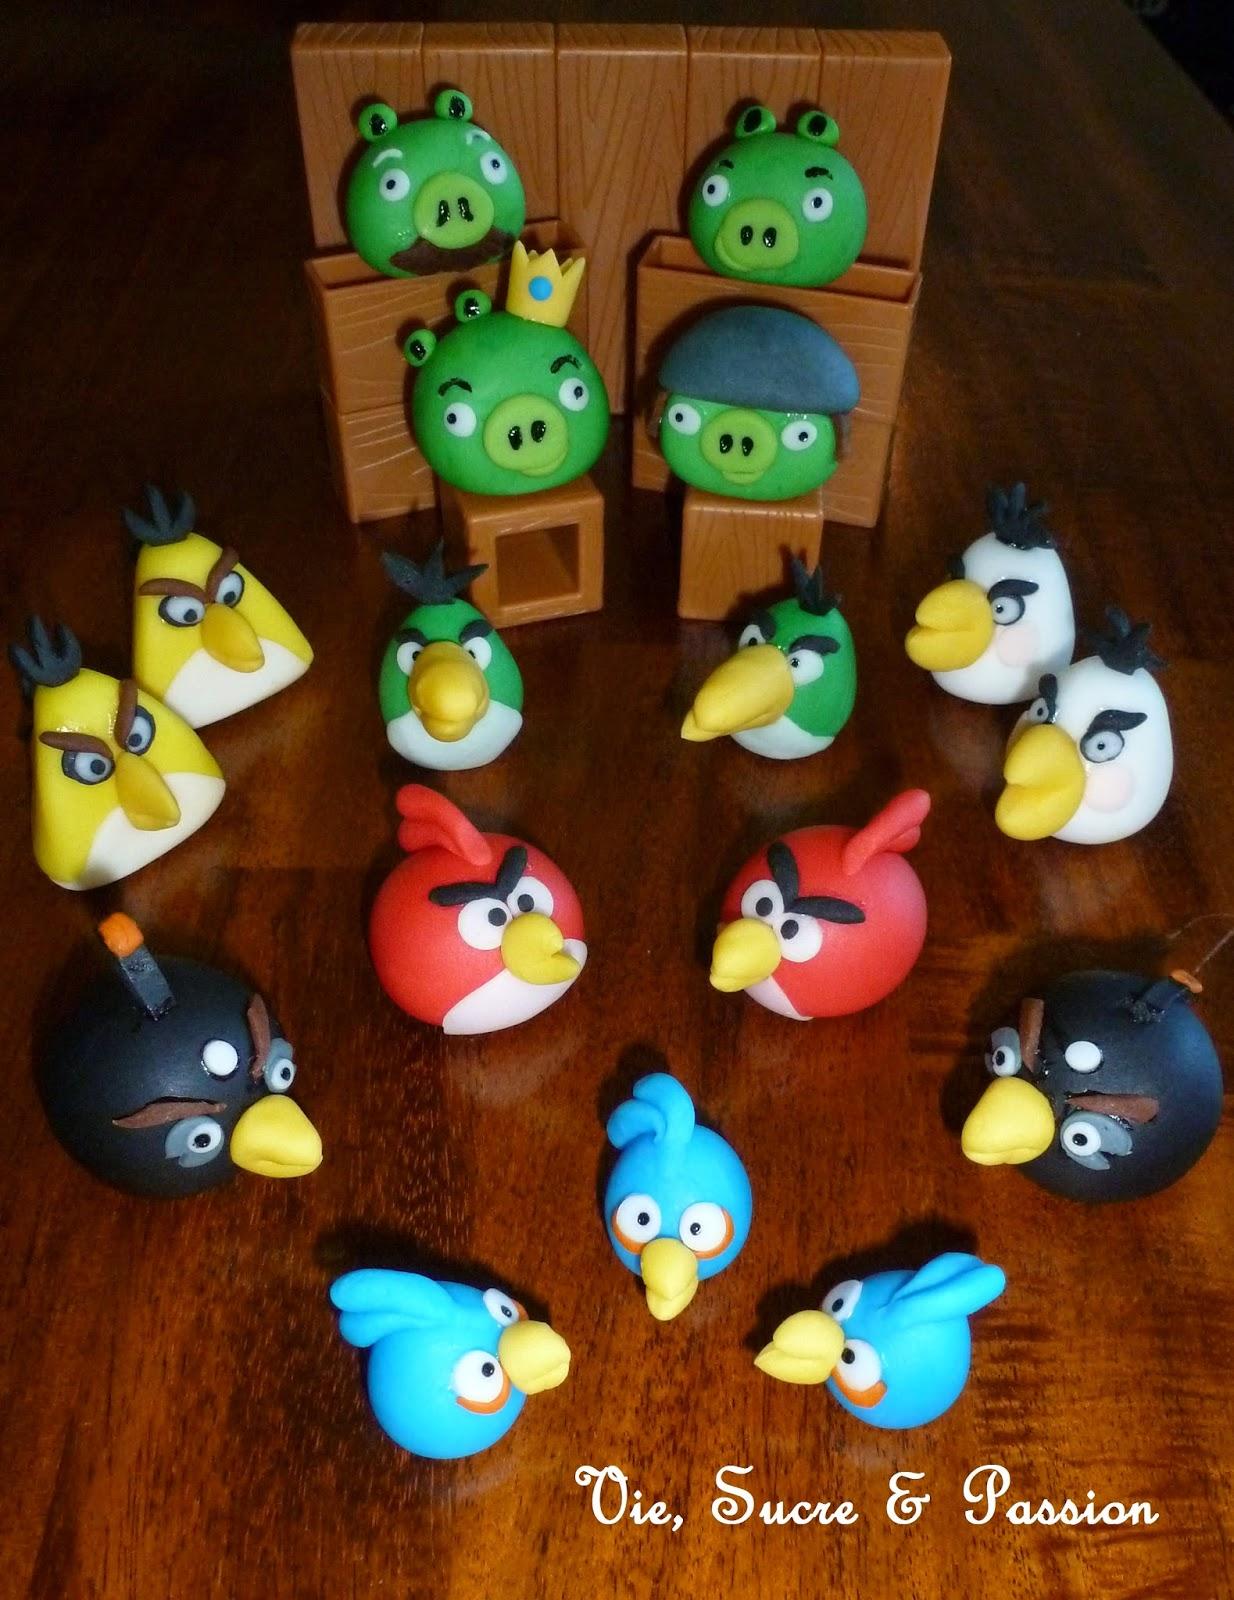 Edible Fondant Angry Birds